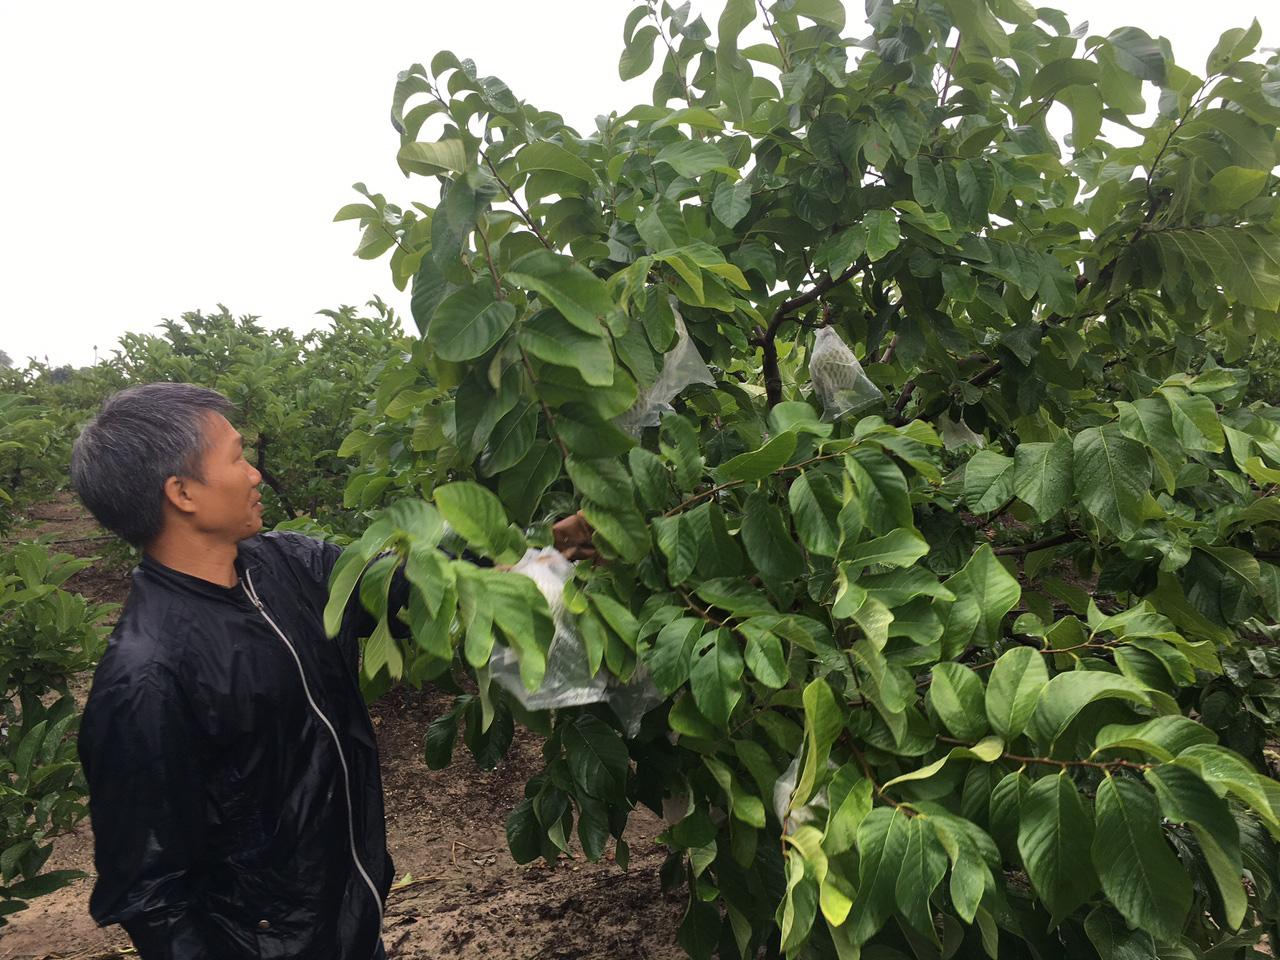 Nông dân Khánh Hòa mạnh dạn đầu tư vốn để chuyển đổi cây trồng - Ảnh 2.